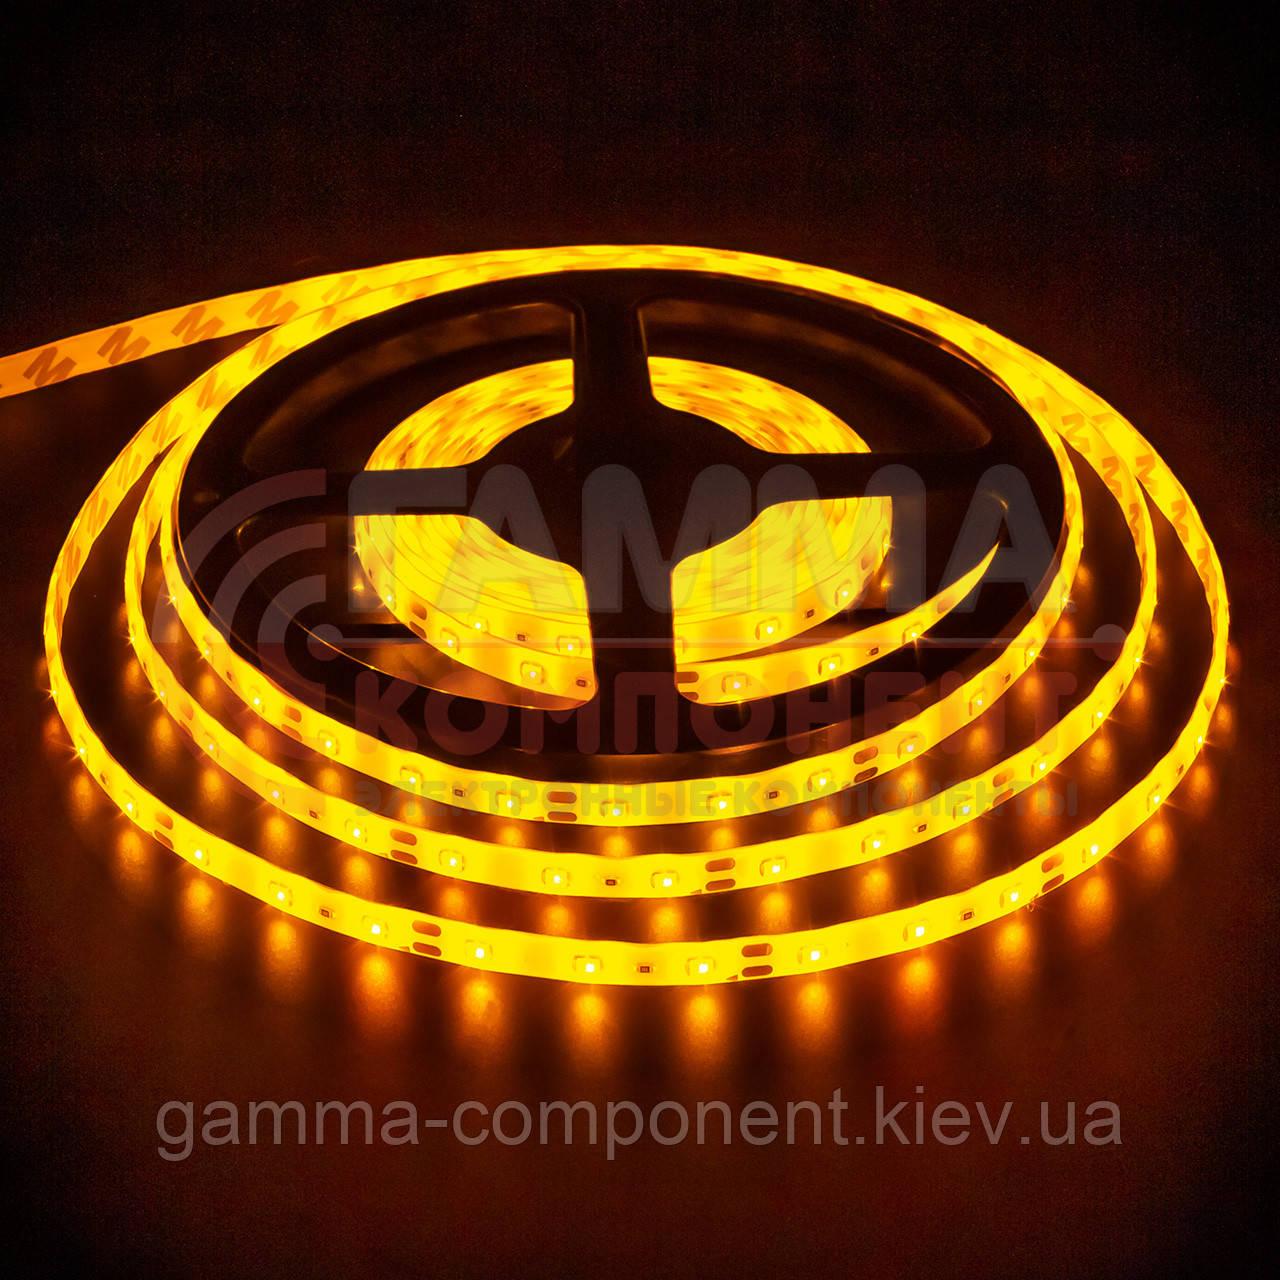 Светодиодная лента SMD 2835 (60 LED/м), желтый, IP20, 12В бобины от 5 метров